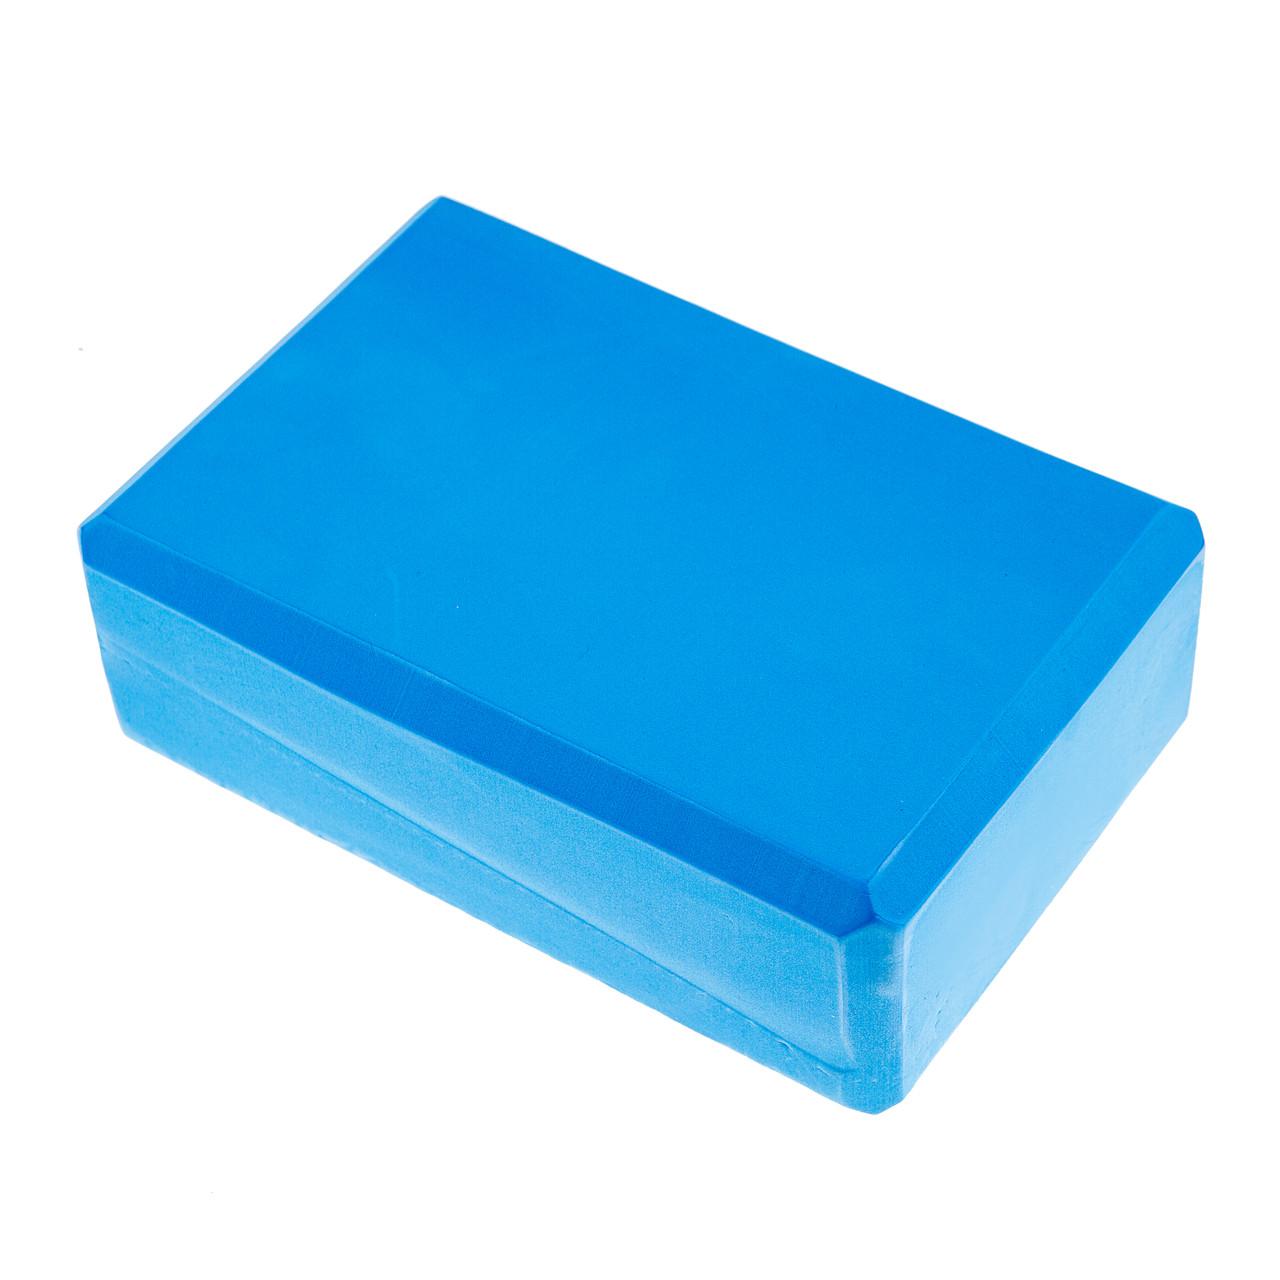 Йога-блок 23158